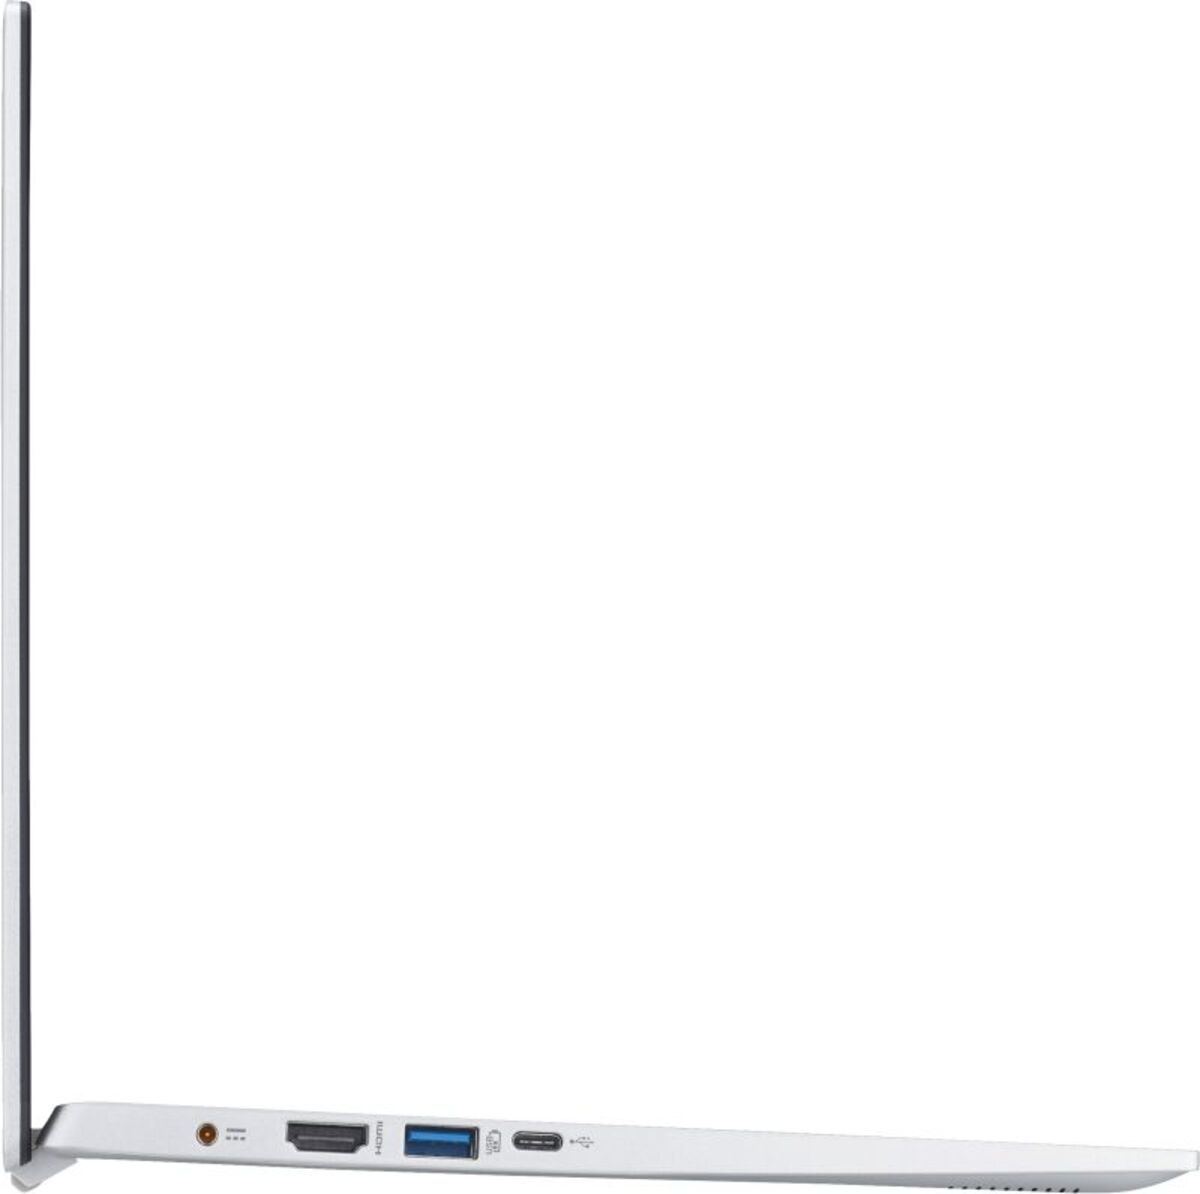 Bild 5 von Acer Swift 1 (SF114-34-P3PV)